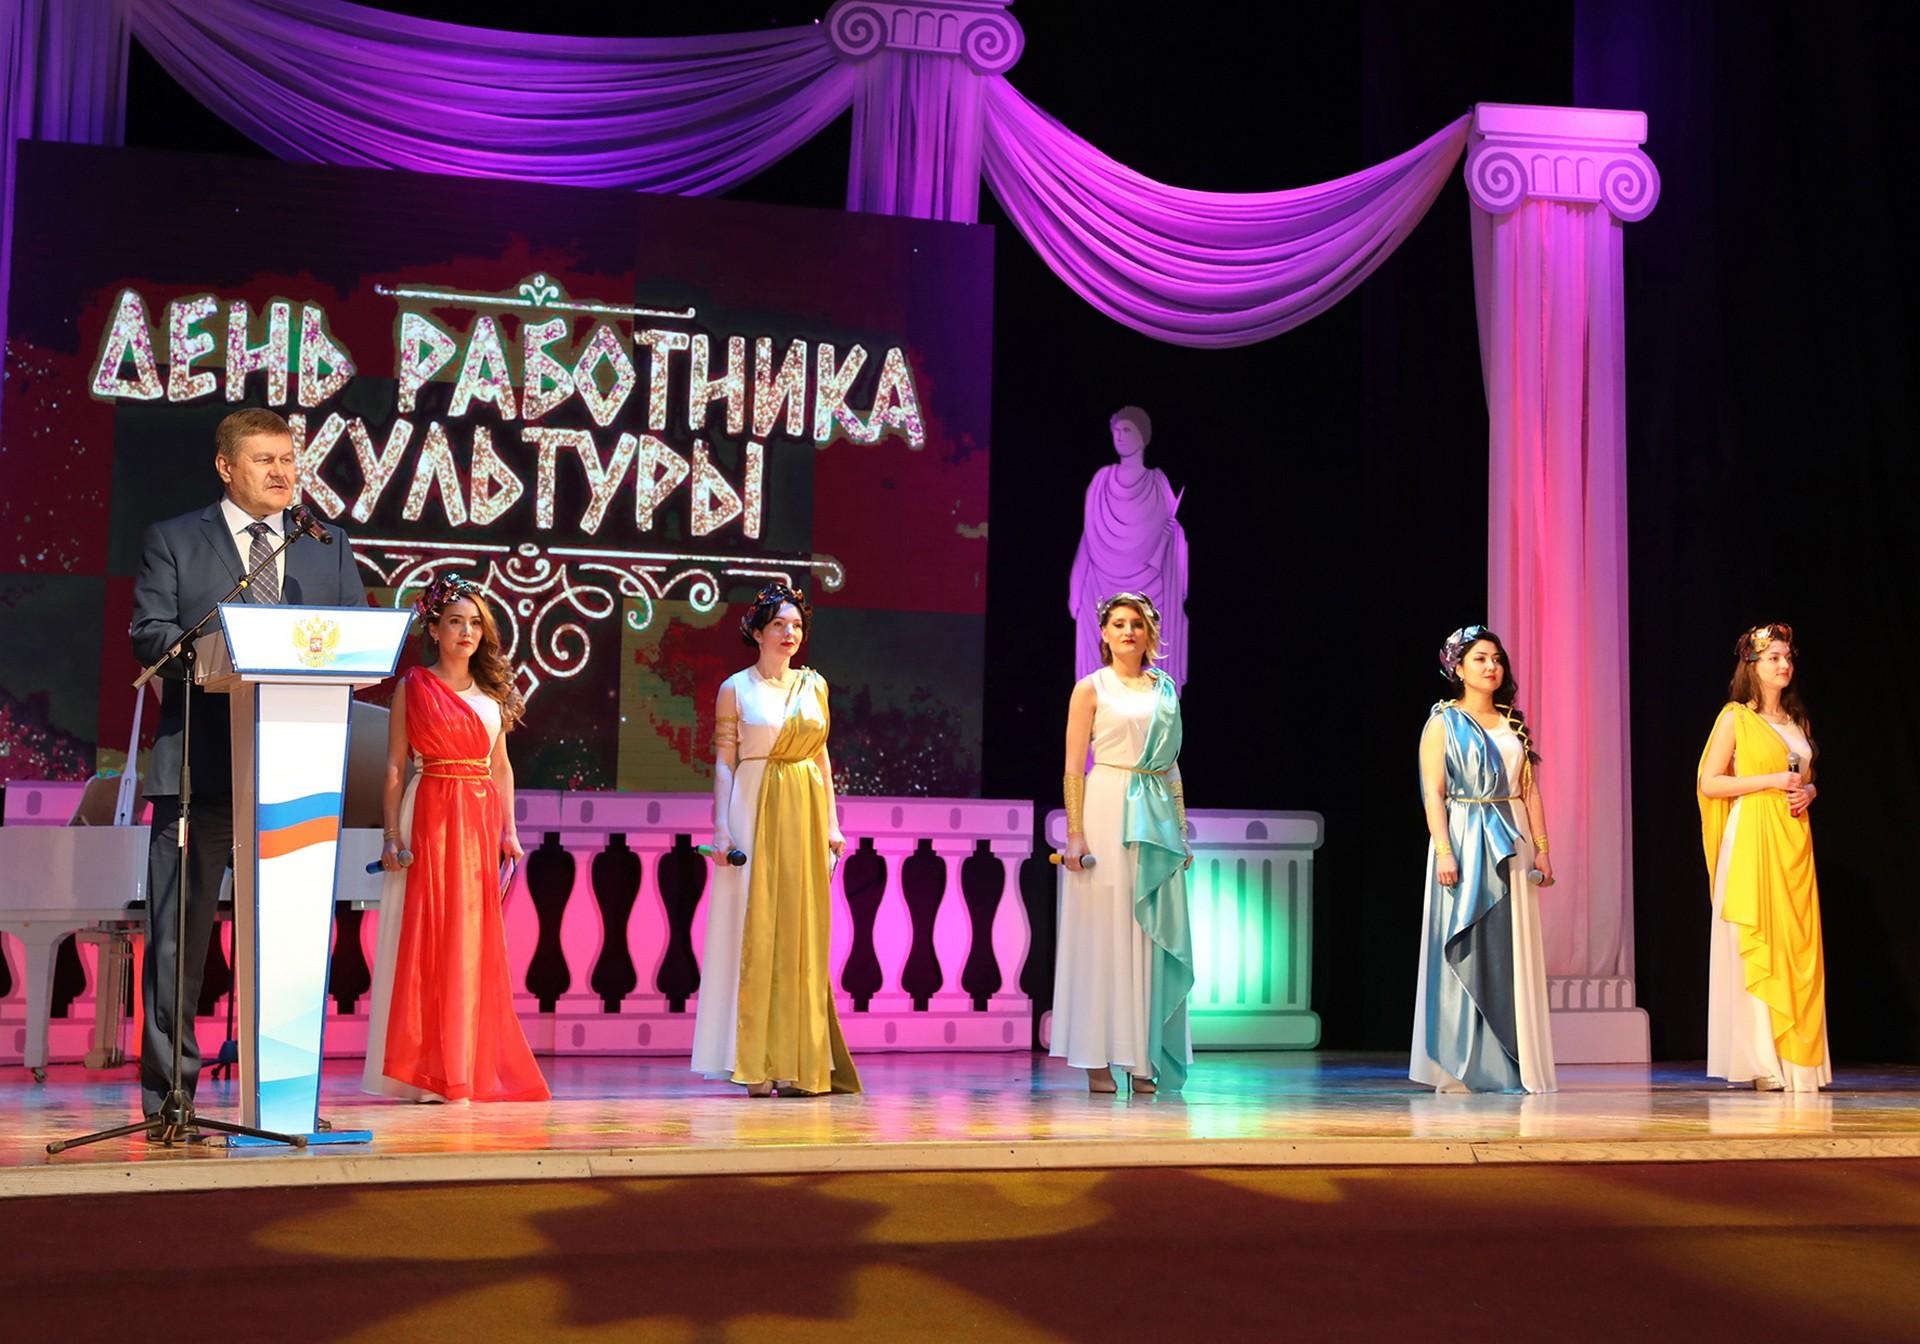 В Байконуре отметили День работника культуры